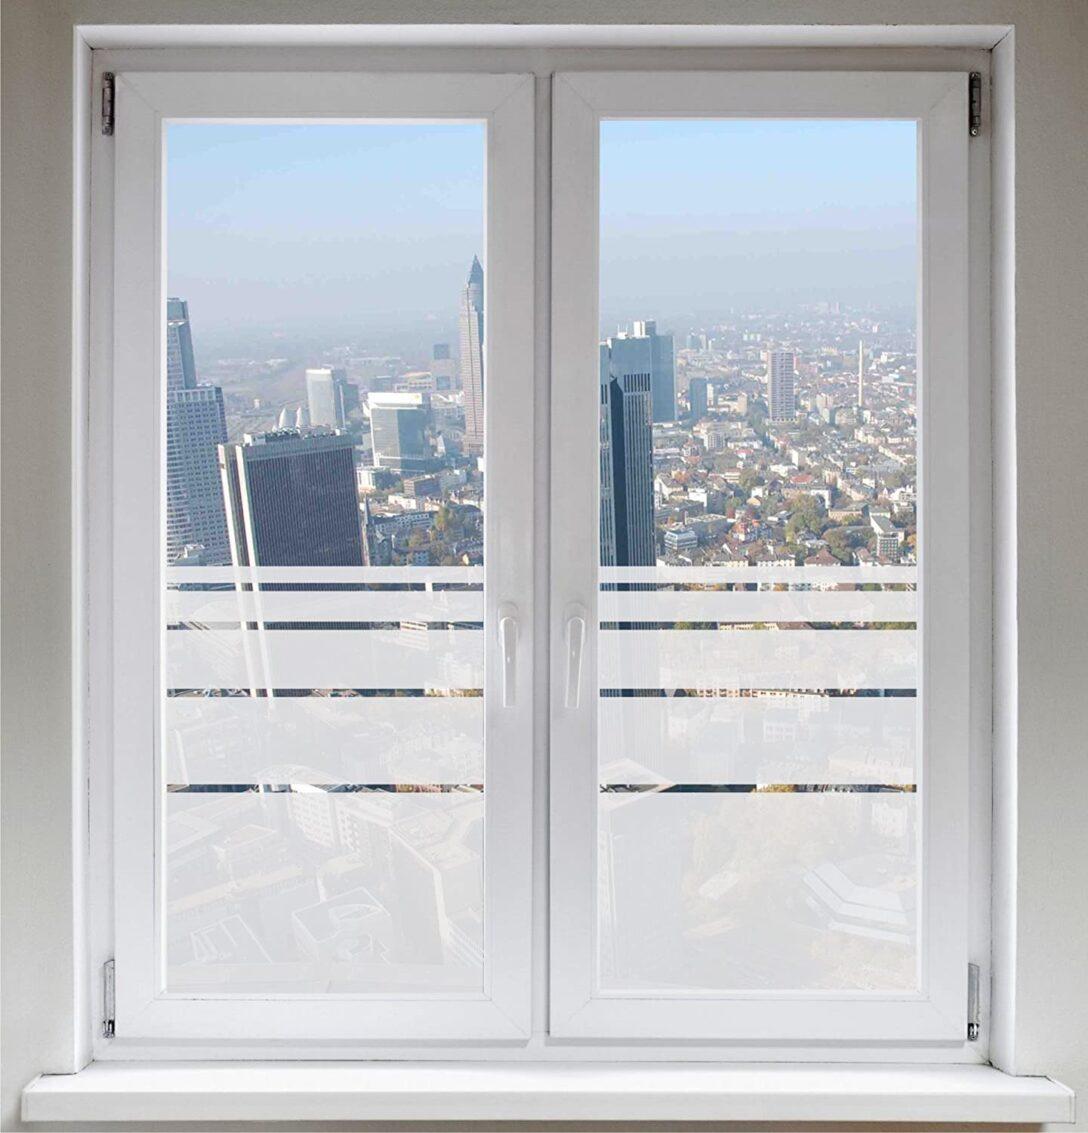 Large Size of Fensterfolie Blickdicht Indigos Ug Sichtschutzfolie Glasdekor Wohnzimmer Fensterfolie Blickdicht